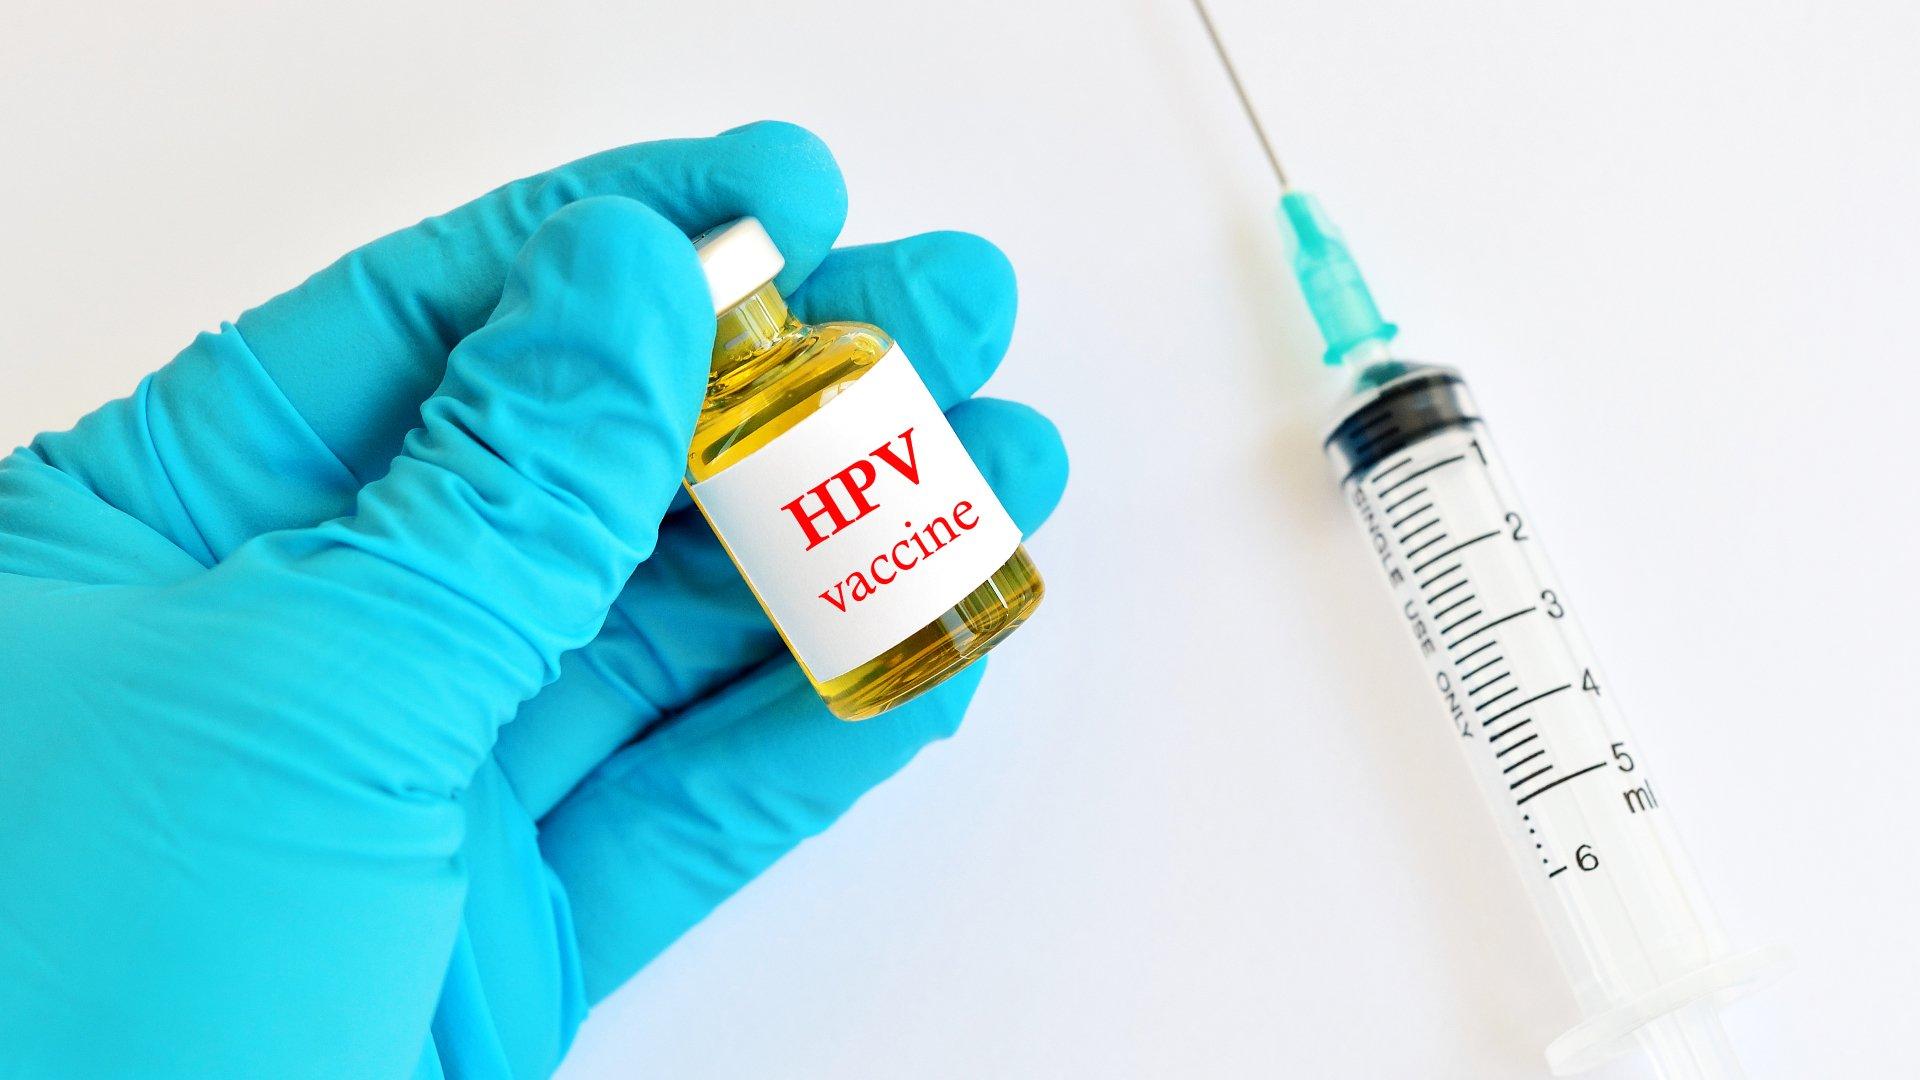 Эффективность вакцин против вируса папилломы человека может оказаться преувеличенной